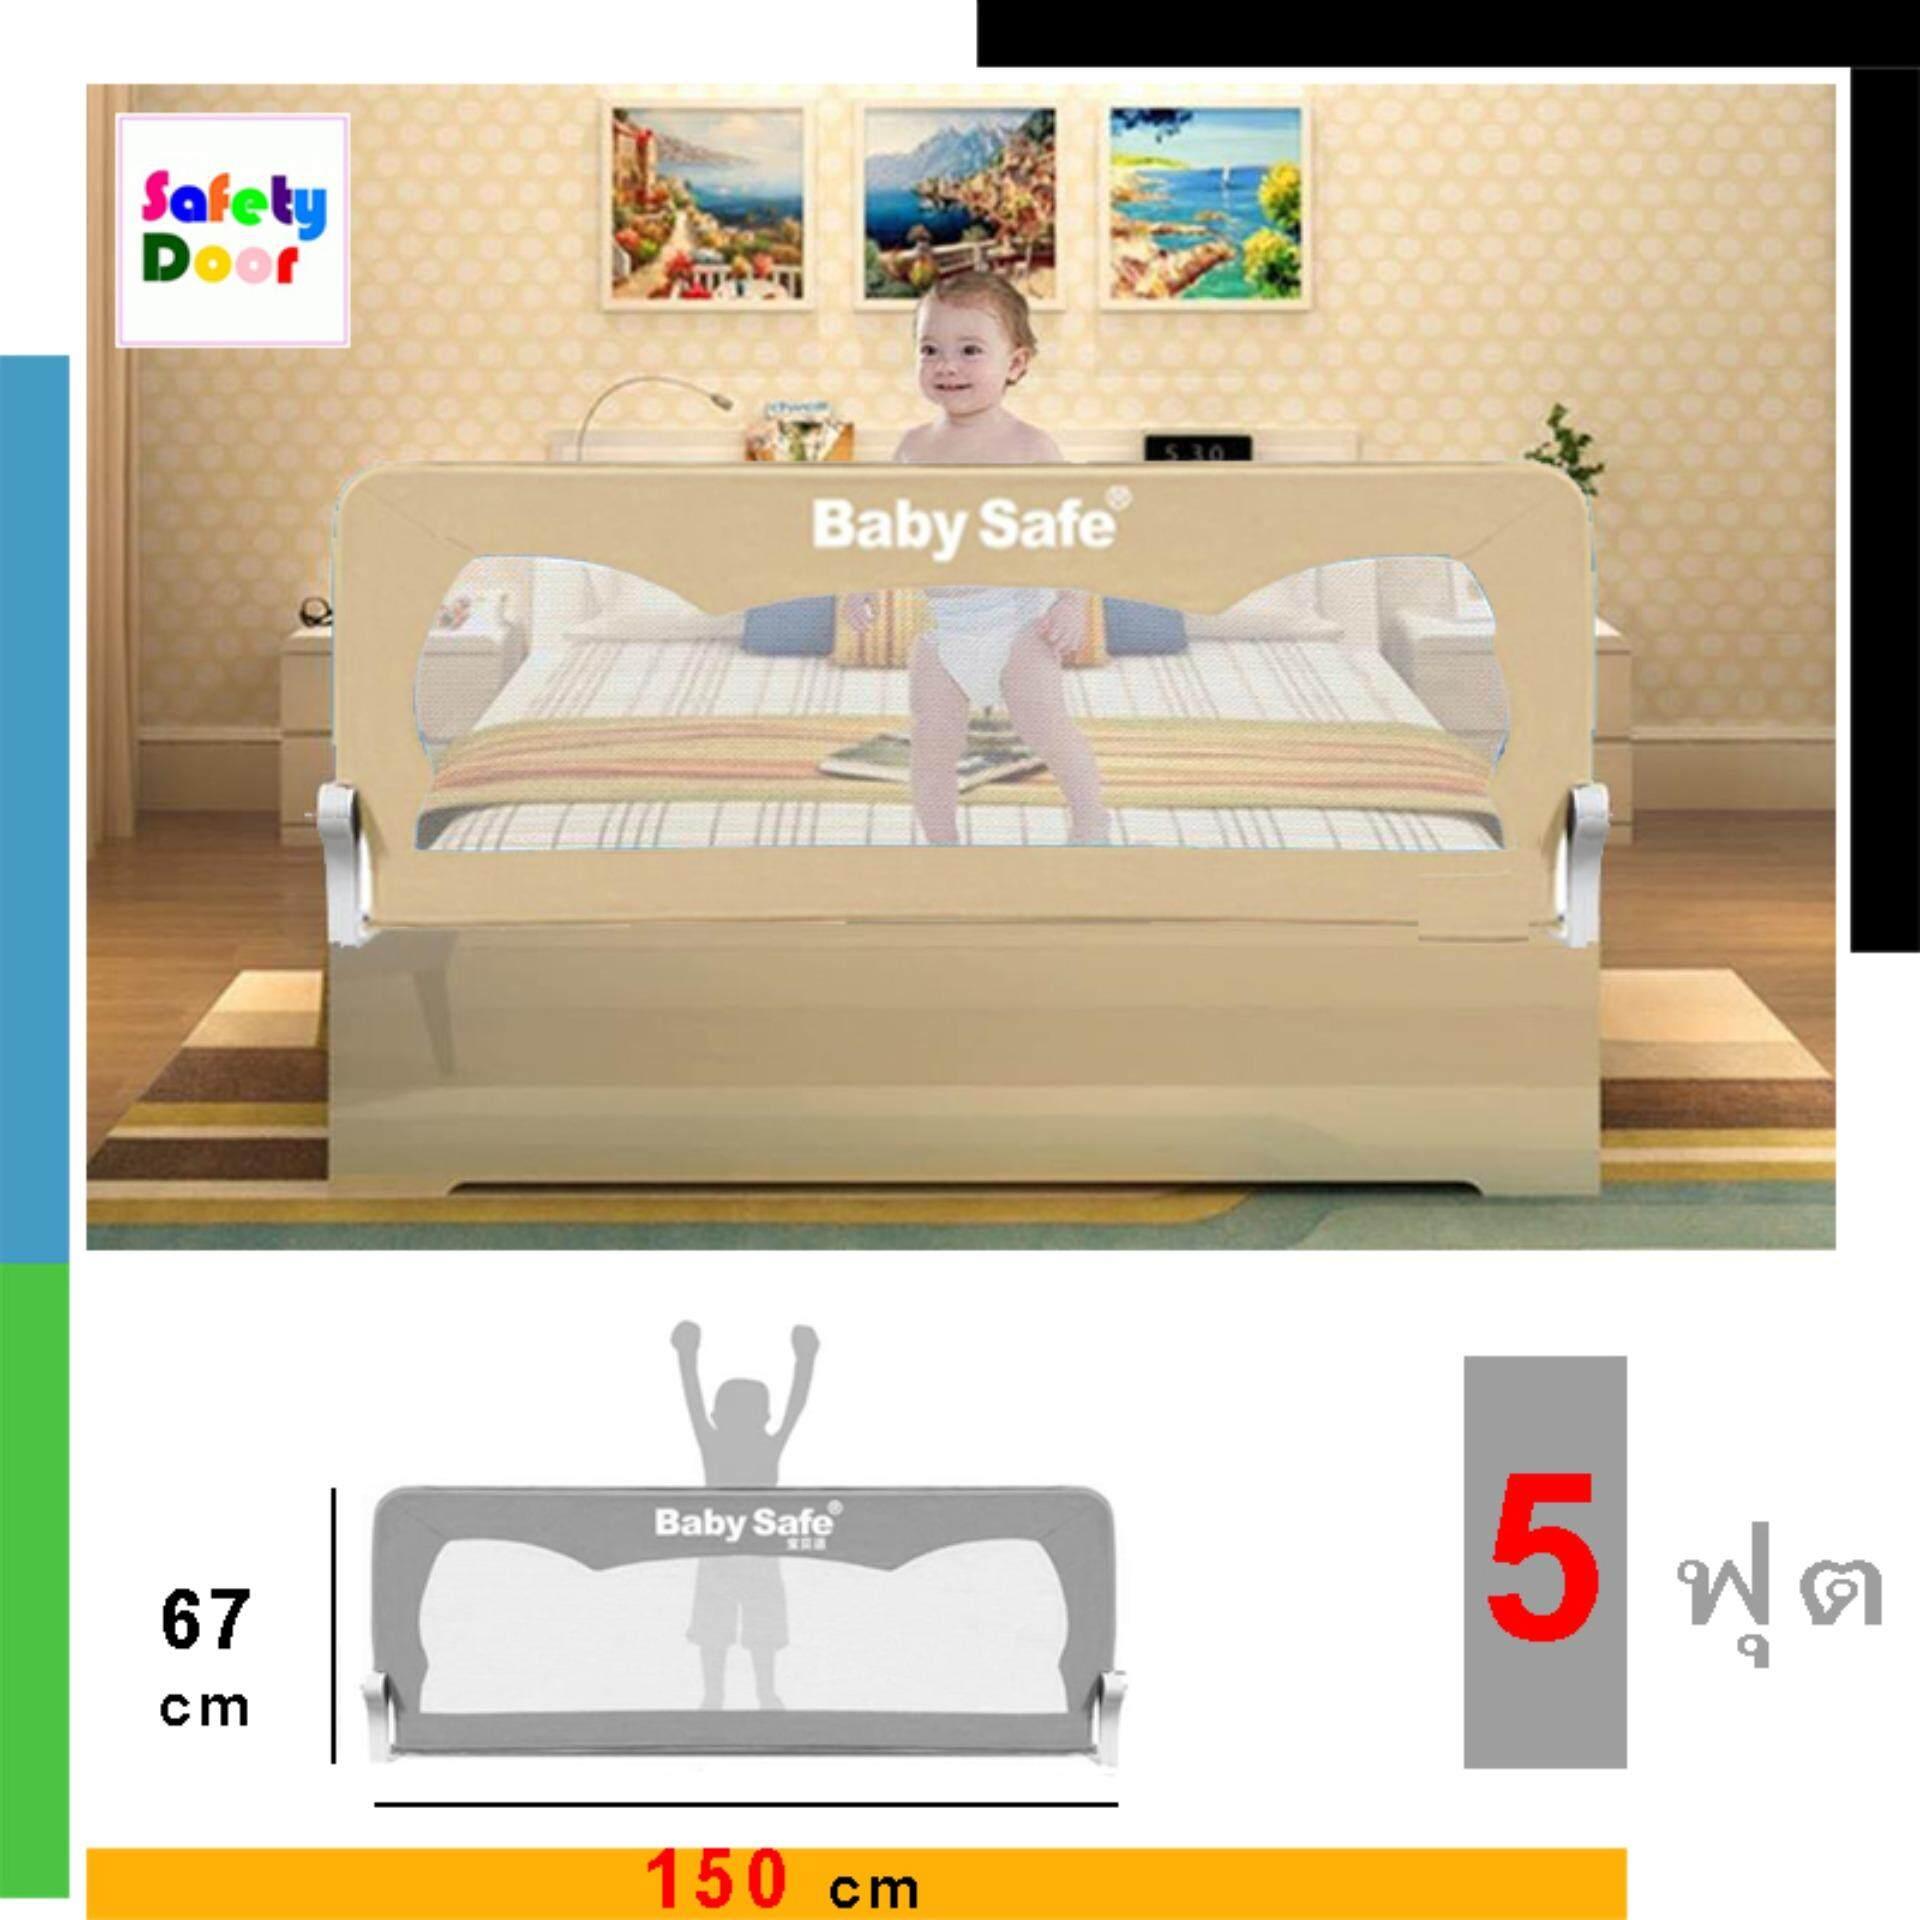 แนะนำ ที่กั้นเตียง กันเด็กตกเตียง ขนาด 1.5 เมตร ใช้กับ 5 ฟุต ใช้ได้กับปลายเตียง -สีครีม